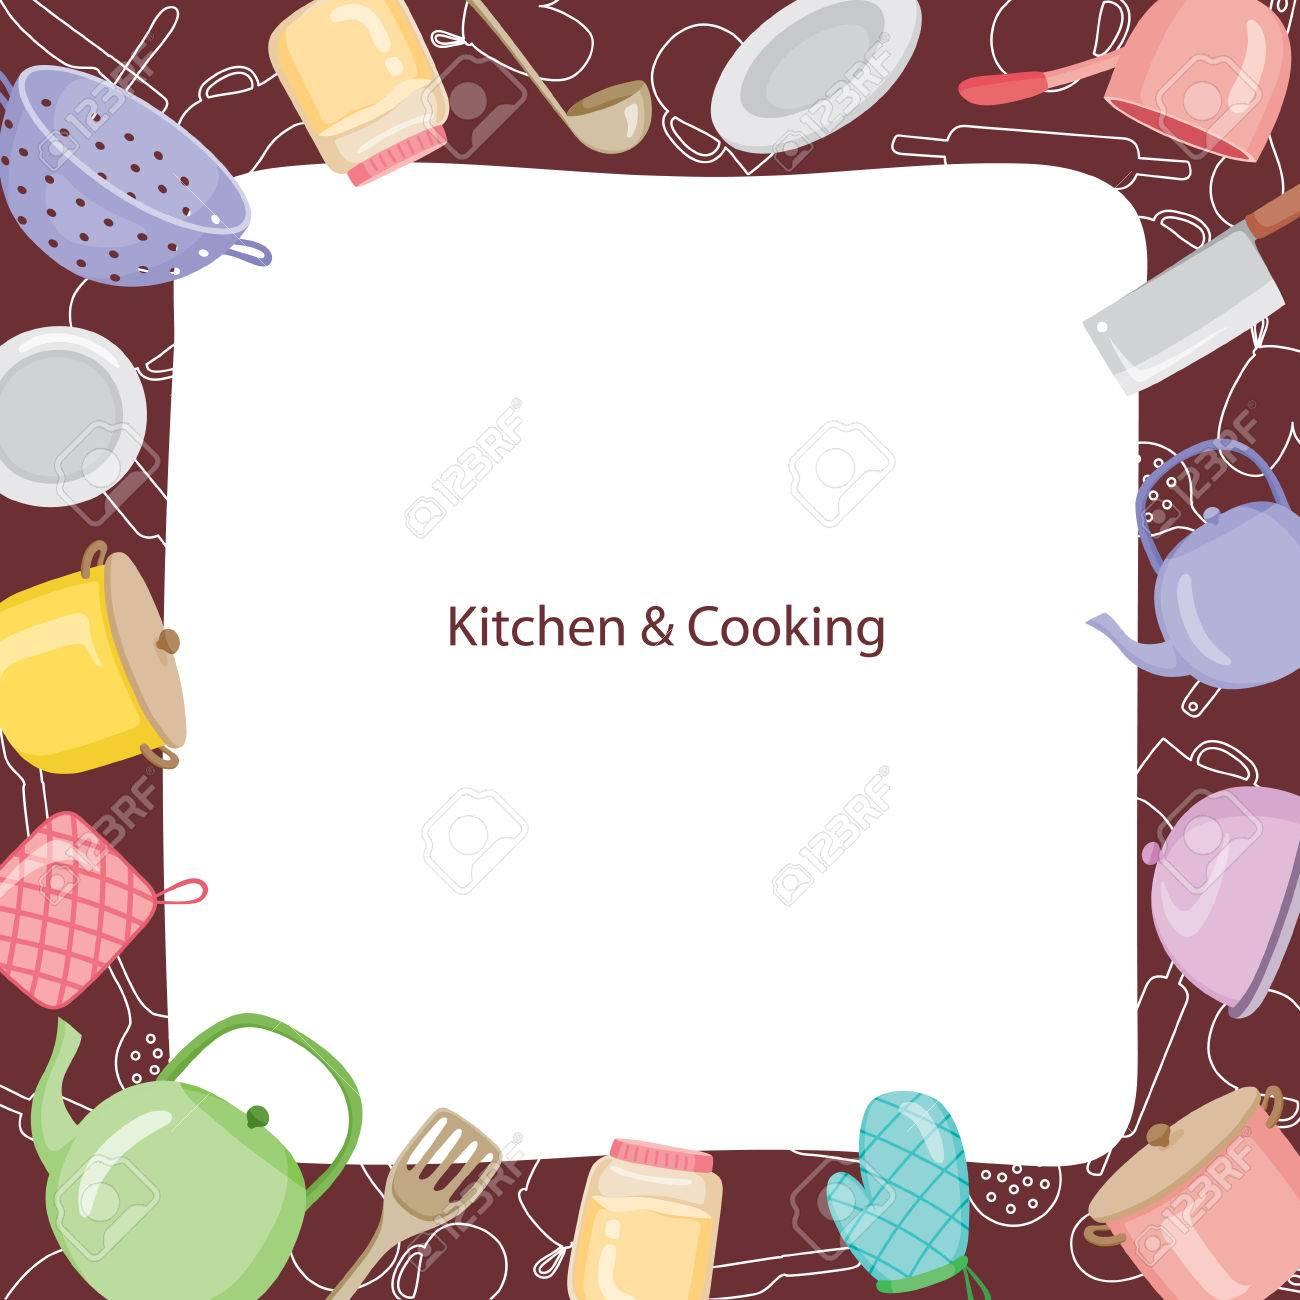 Gentil Kitchen Equipment Border, Kitchen, Kitchenware, Crockery, Cooking, Food,  Bakery,